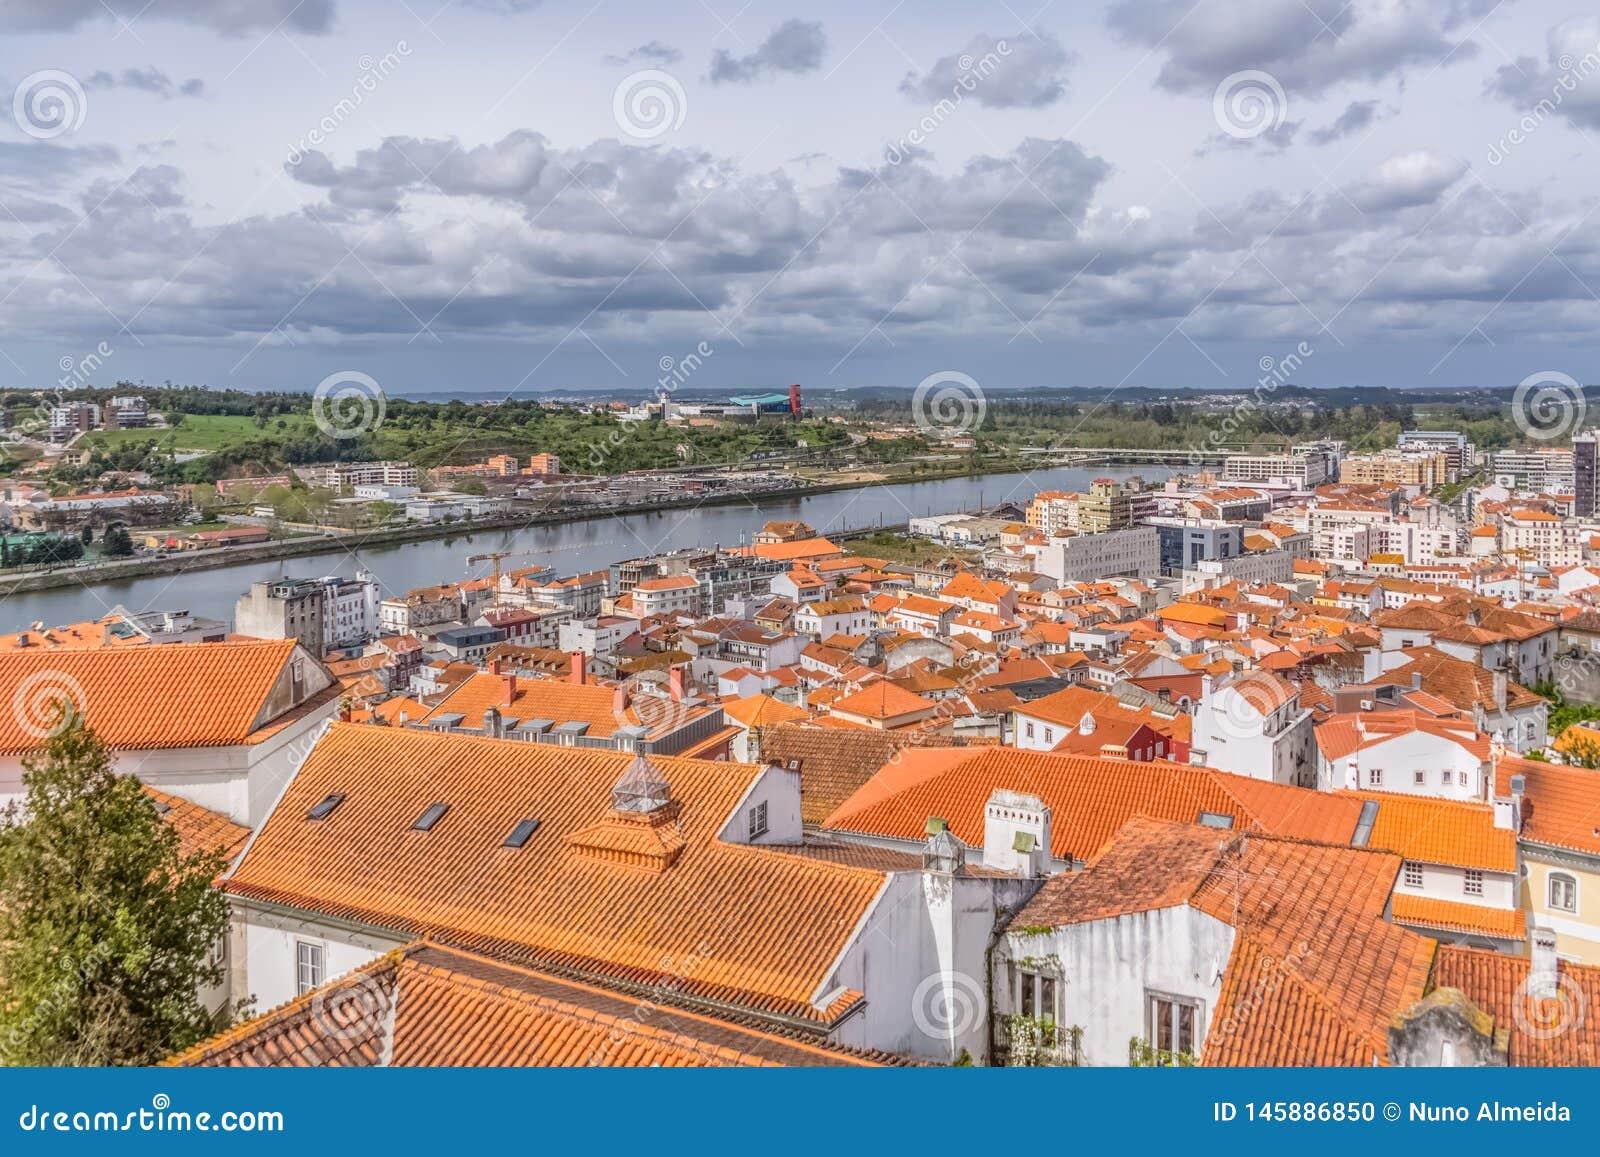 Widok z lotu ptaka na Mondego bankach z Coimbra miastem i rzece, niebo z chmurami jako tło, w Portugalia